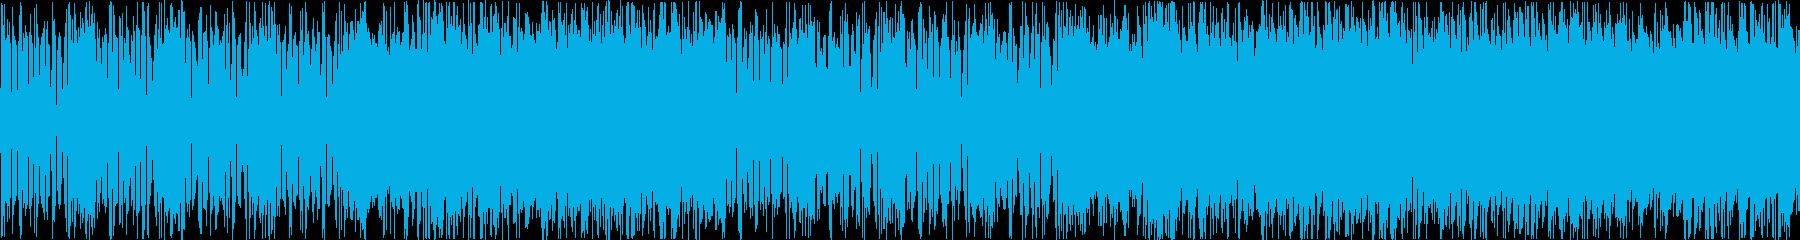 緊迫感のあるBGMアップテンポな曲です。の再生済みの波形